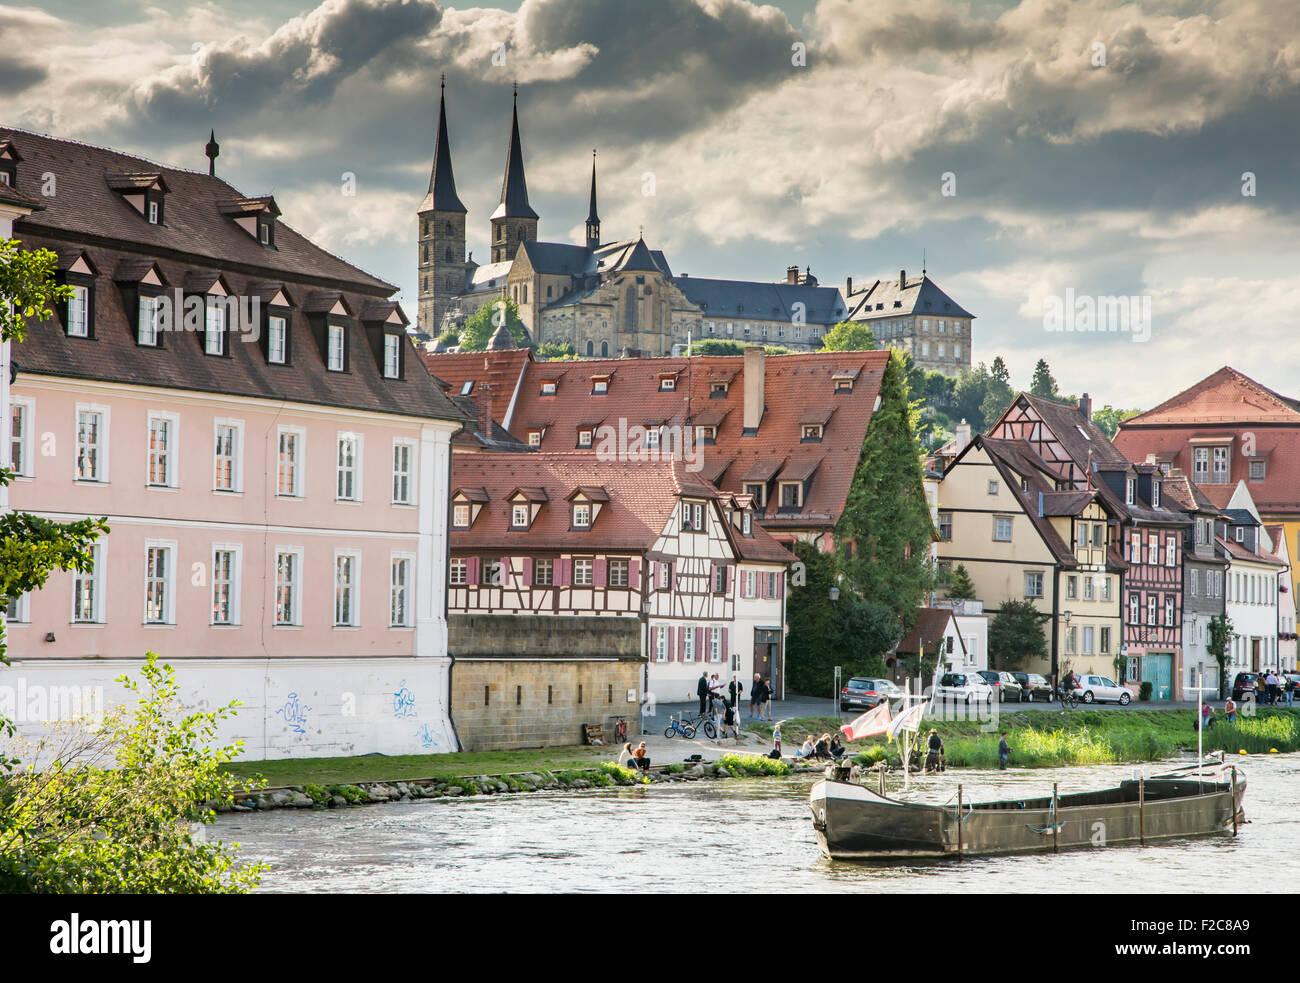 BAMBERG, Deutschland - 4 SEPTEMBER: Touristen am Fluss Regnitz unterhalb Michelsberg Abbey in Bamberg, Deutschland Stockbild